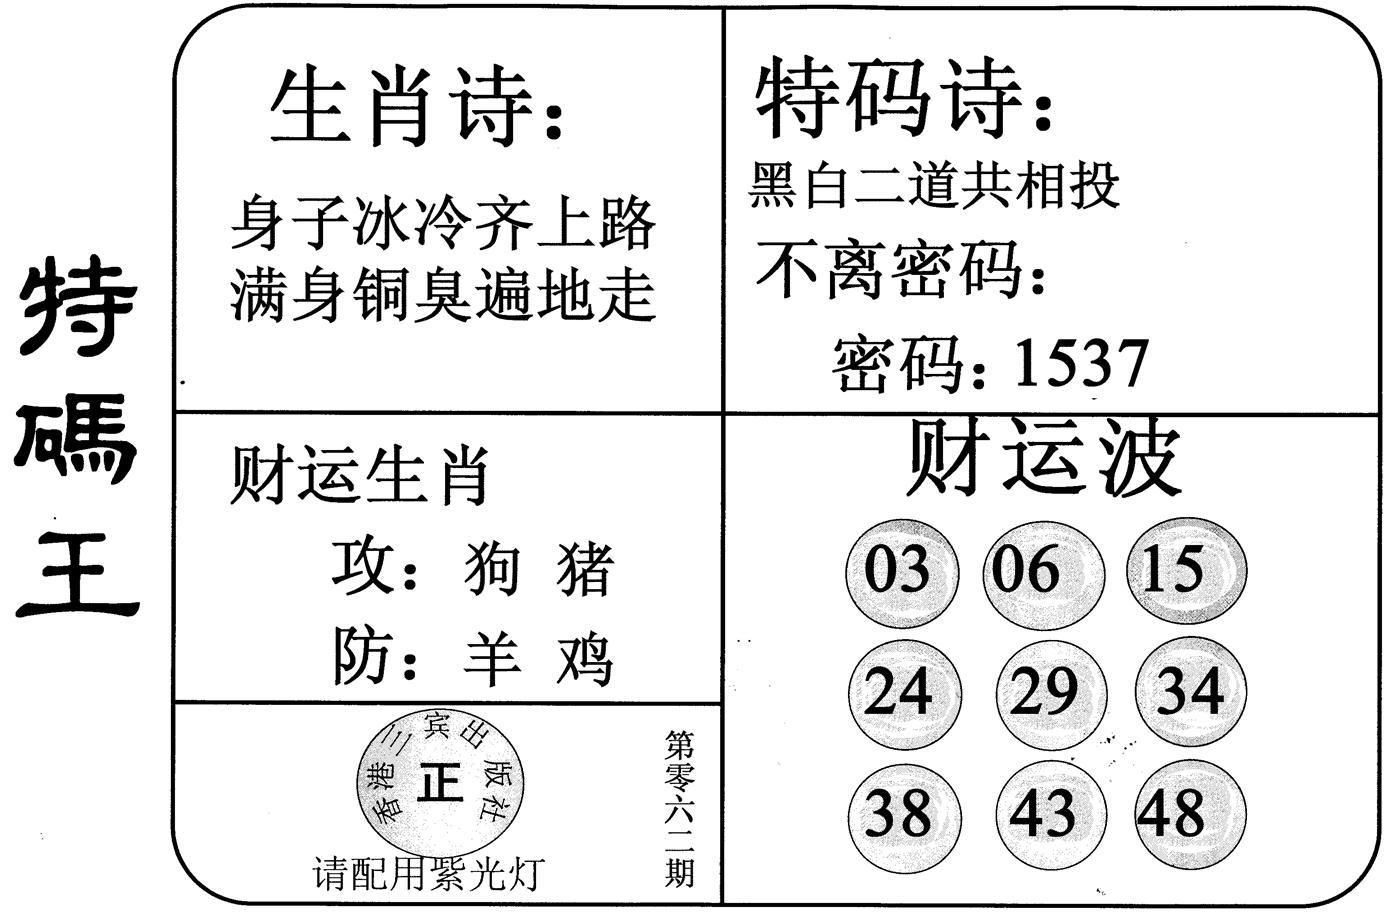 062期特码王(黑白)